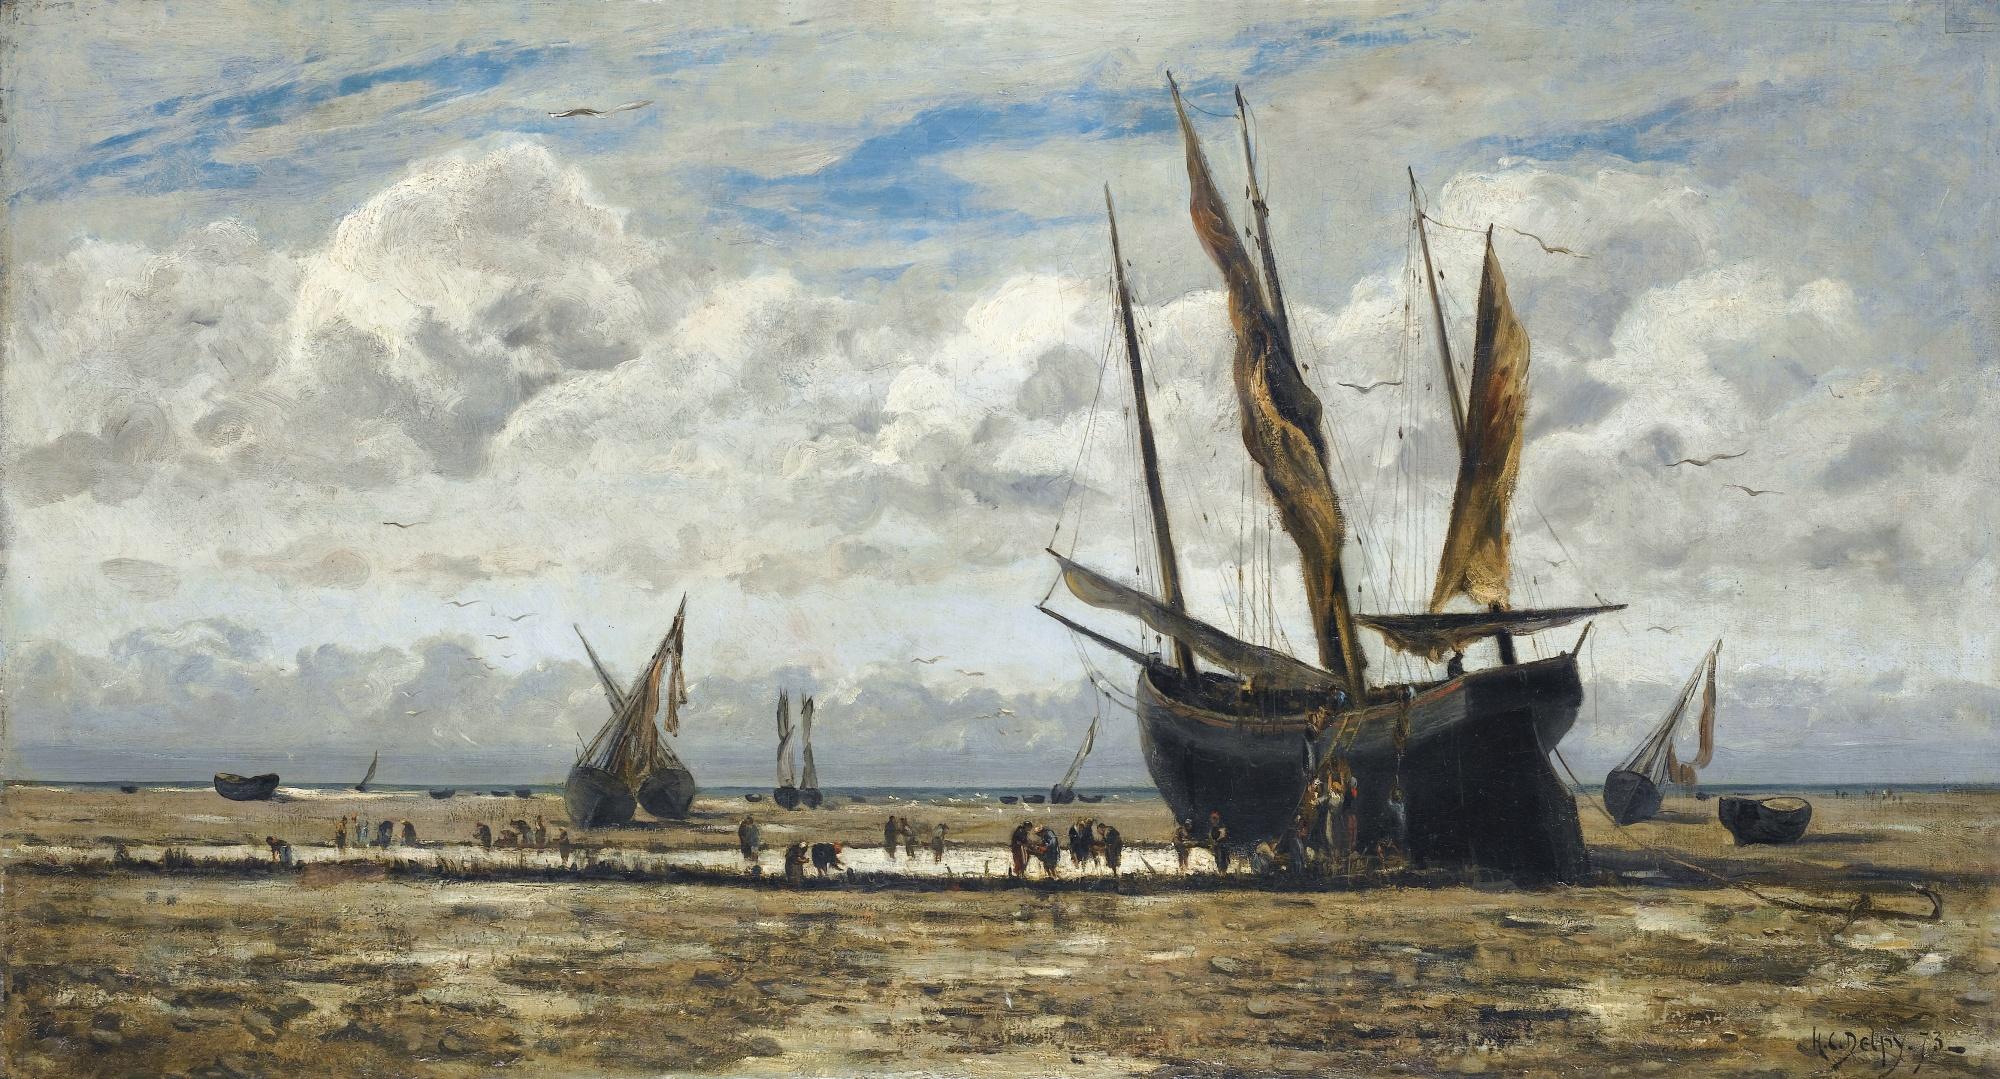 Морской пейзаж порт Канкаль Cancale Бретань Bretagne устрицы природа путешествия Альберт Сафиуллин